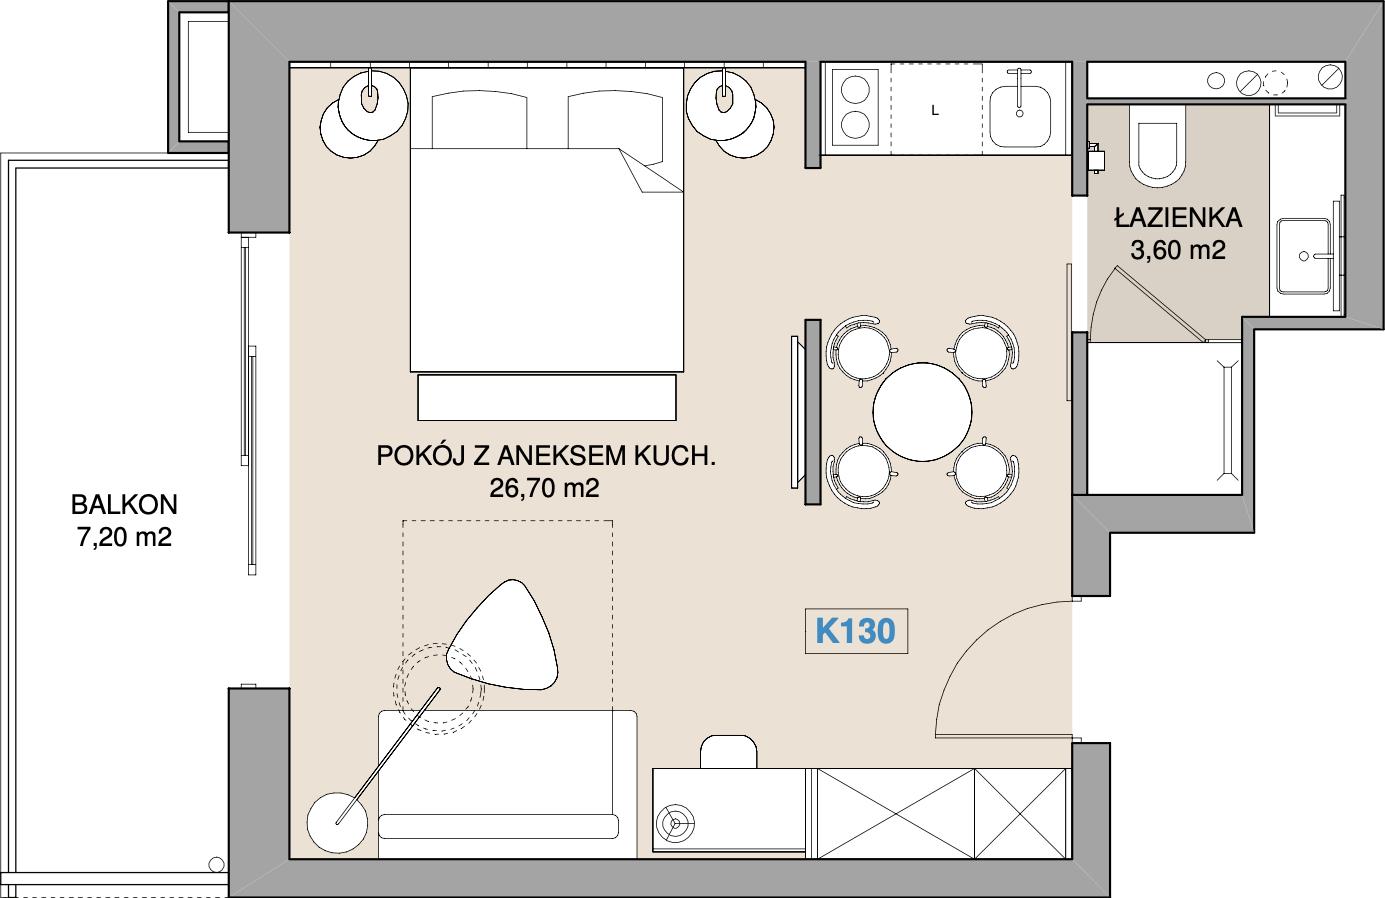 Apartament K130